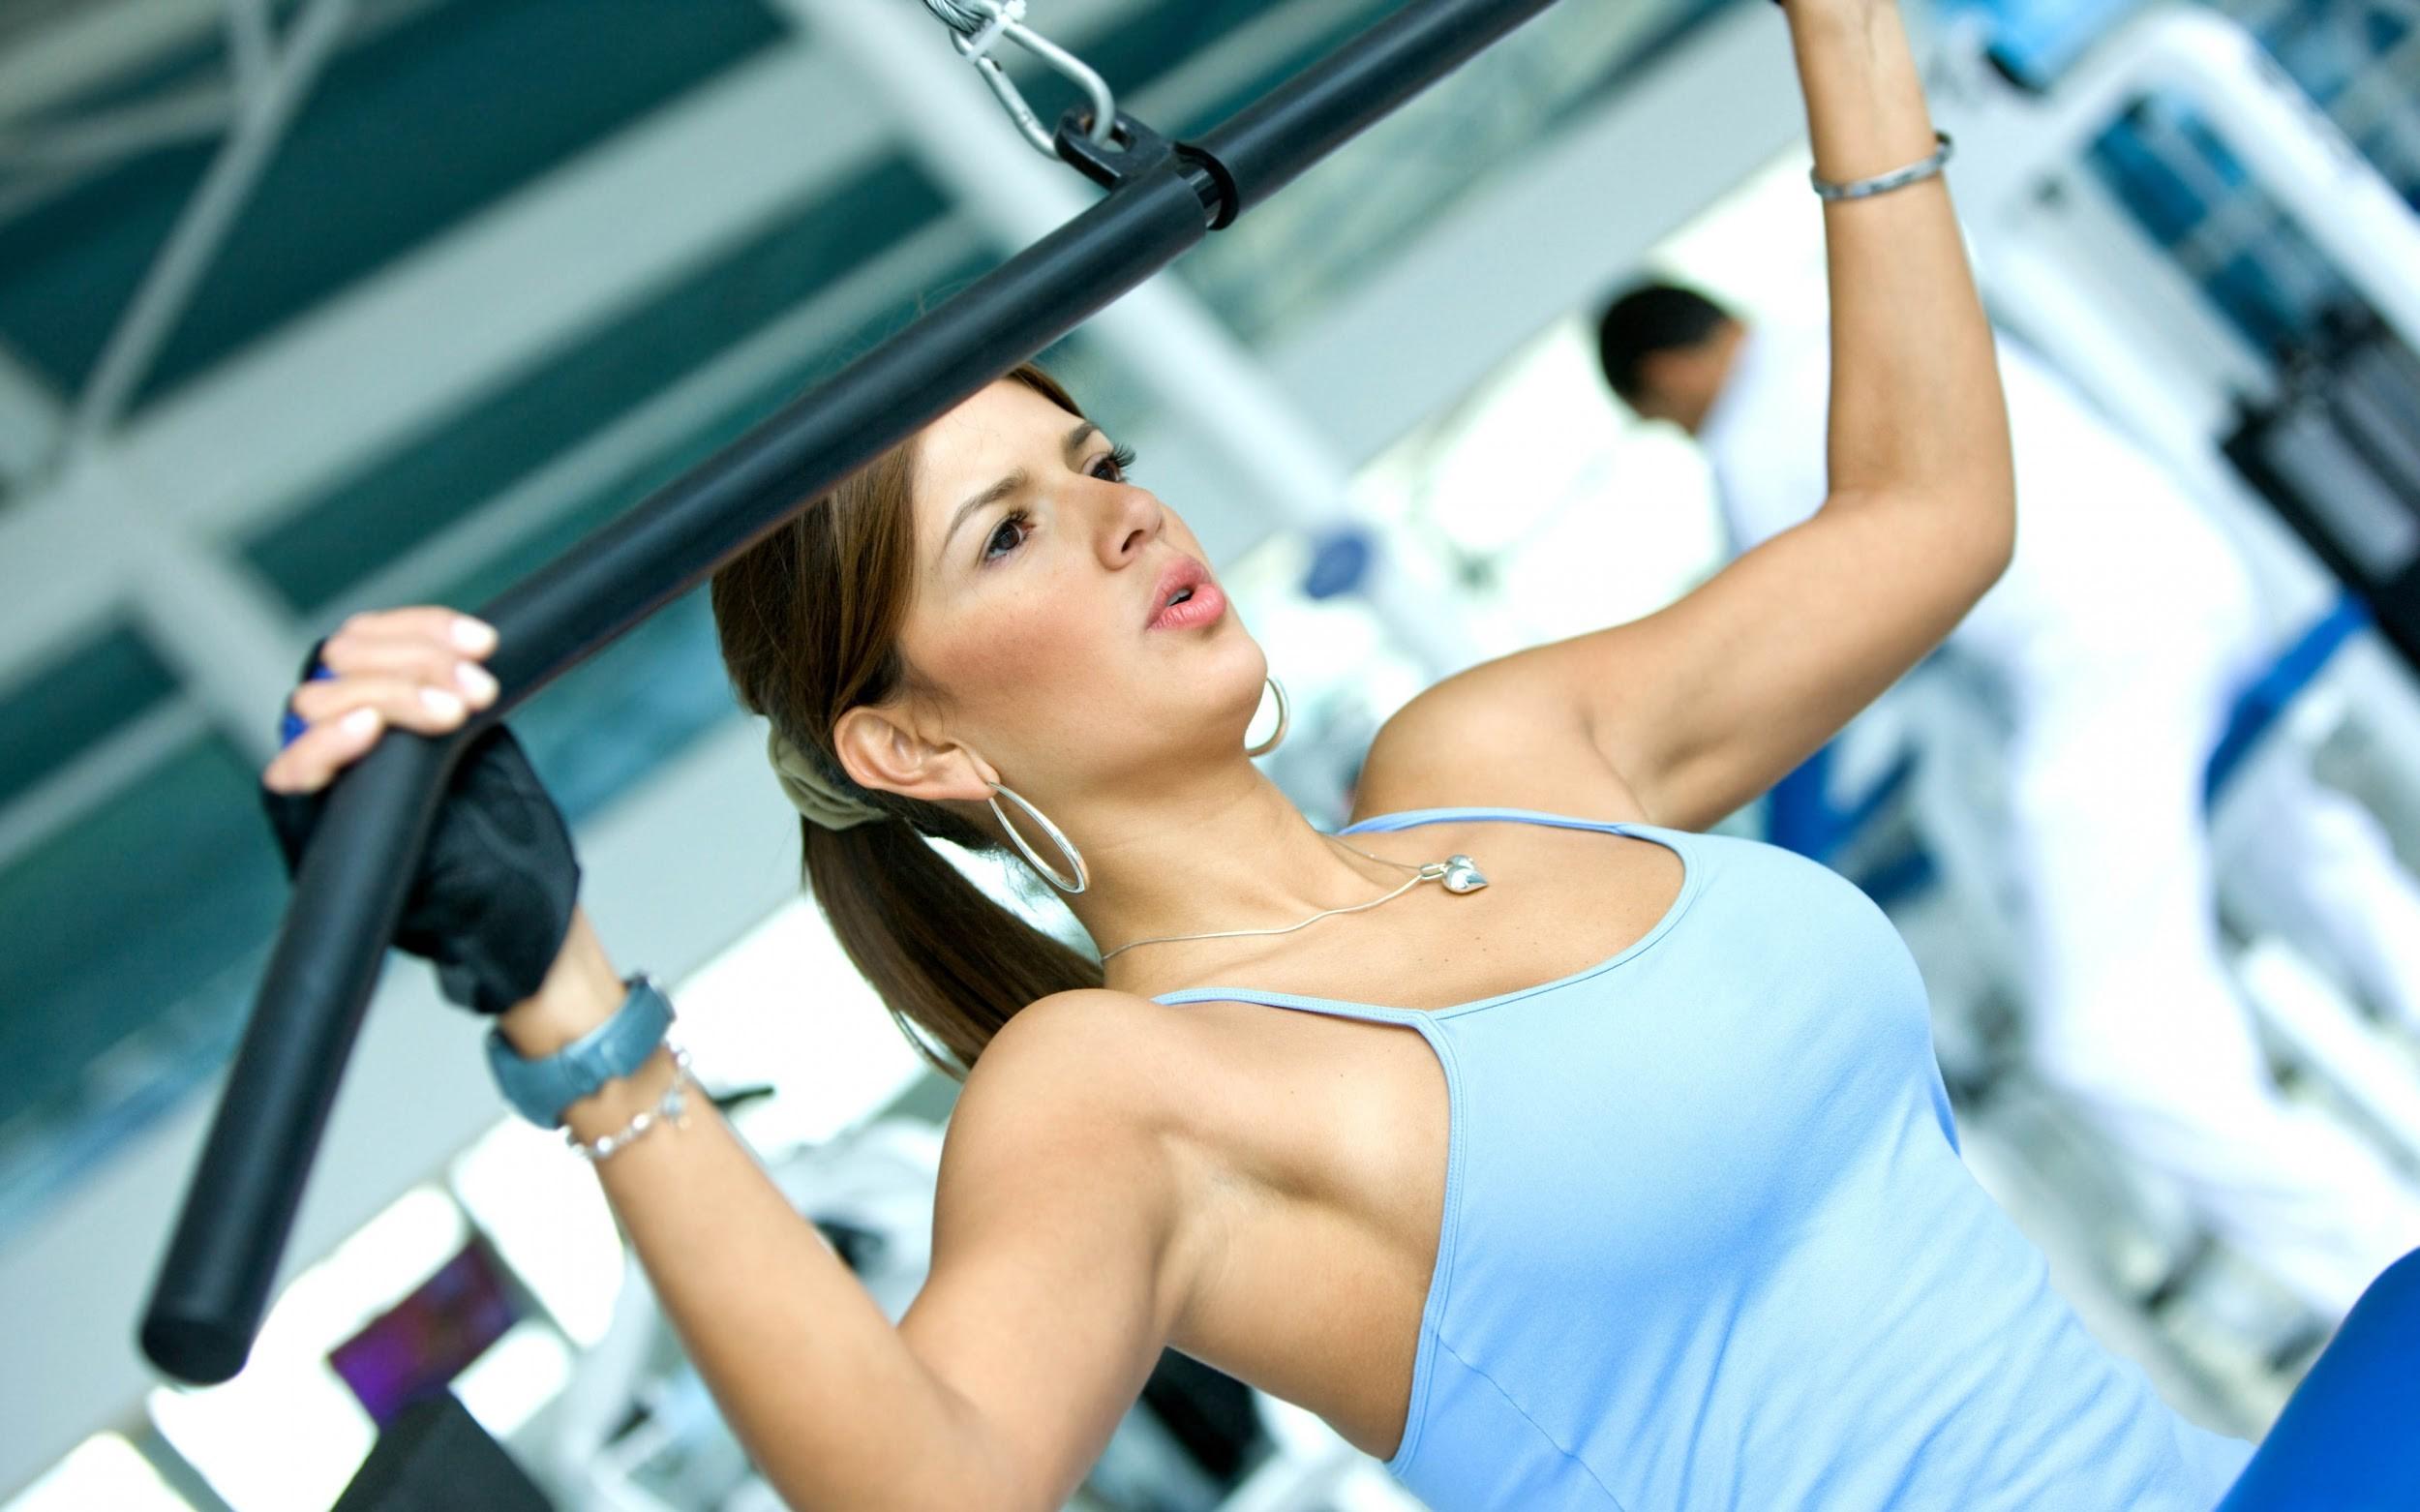 Tập gym giảm cân nhanh, giam mo bung nhanh